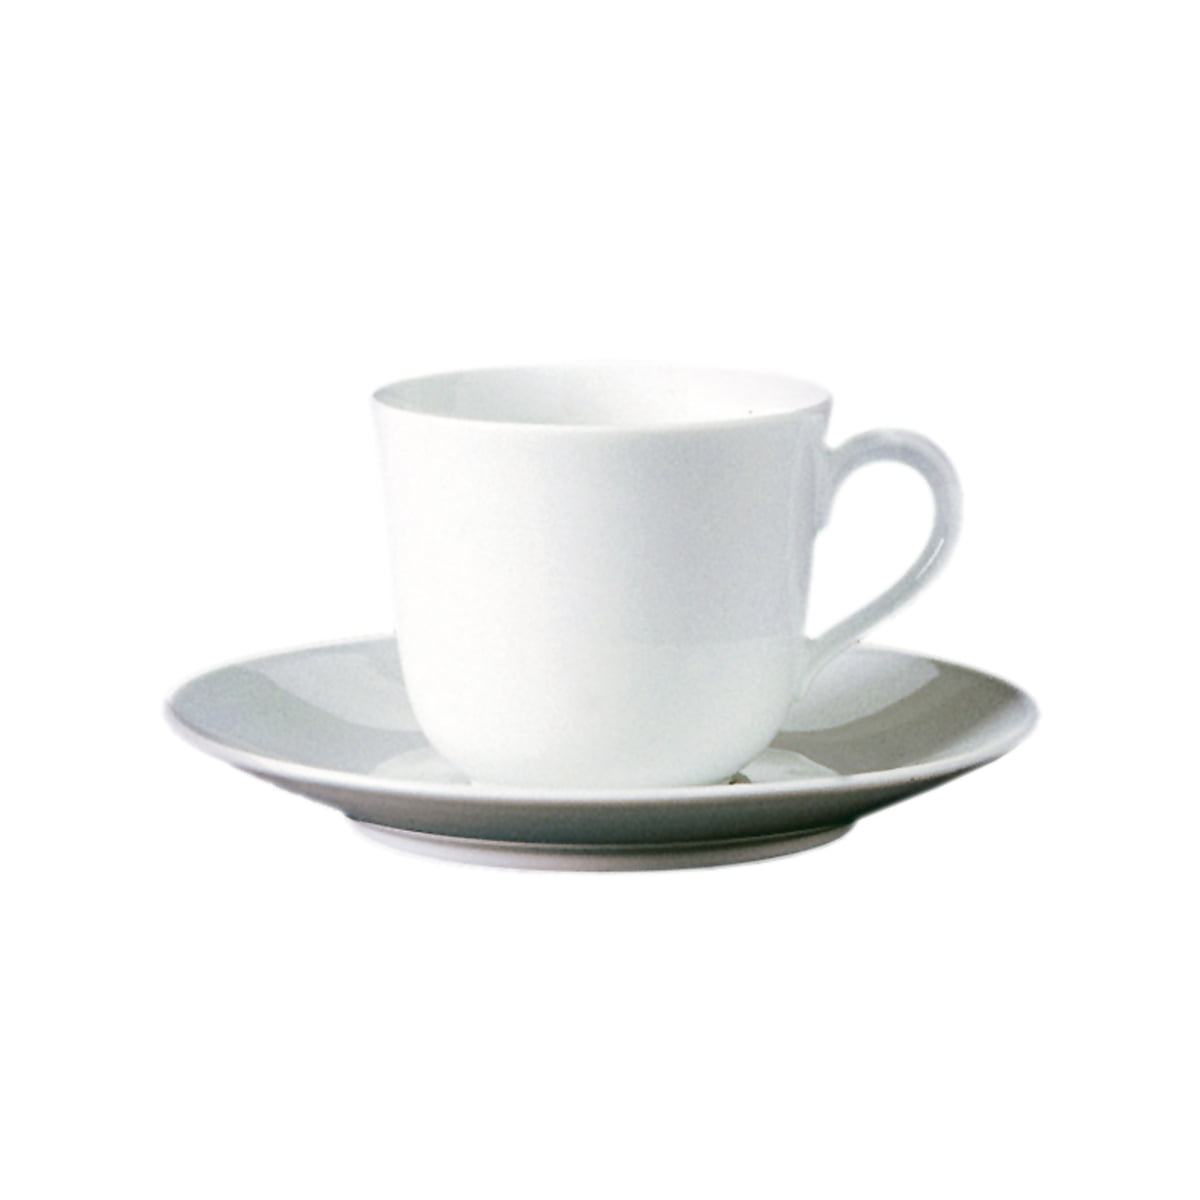 Wagenfeld - Espressotasse 2-tlg., weiß